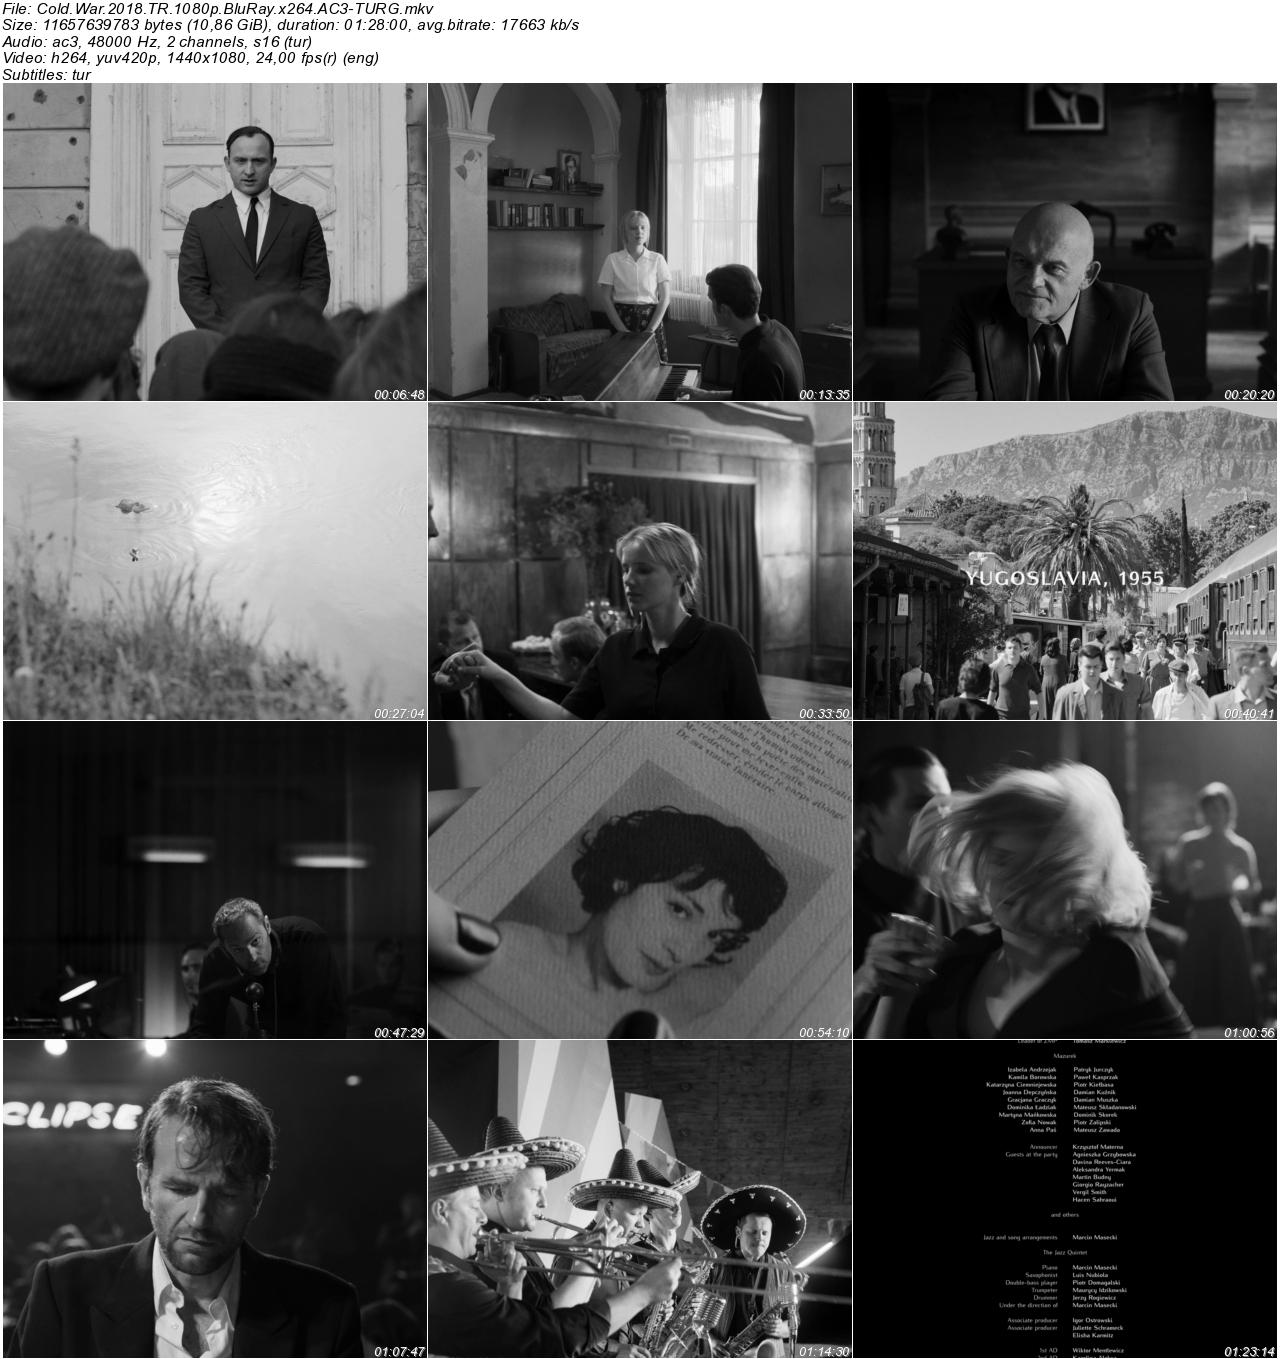 Soğuk Savaş 2018 - 1080p 720p 480p - Türkçe Dublaj Tek Link indir